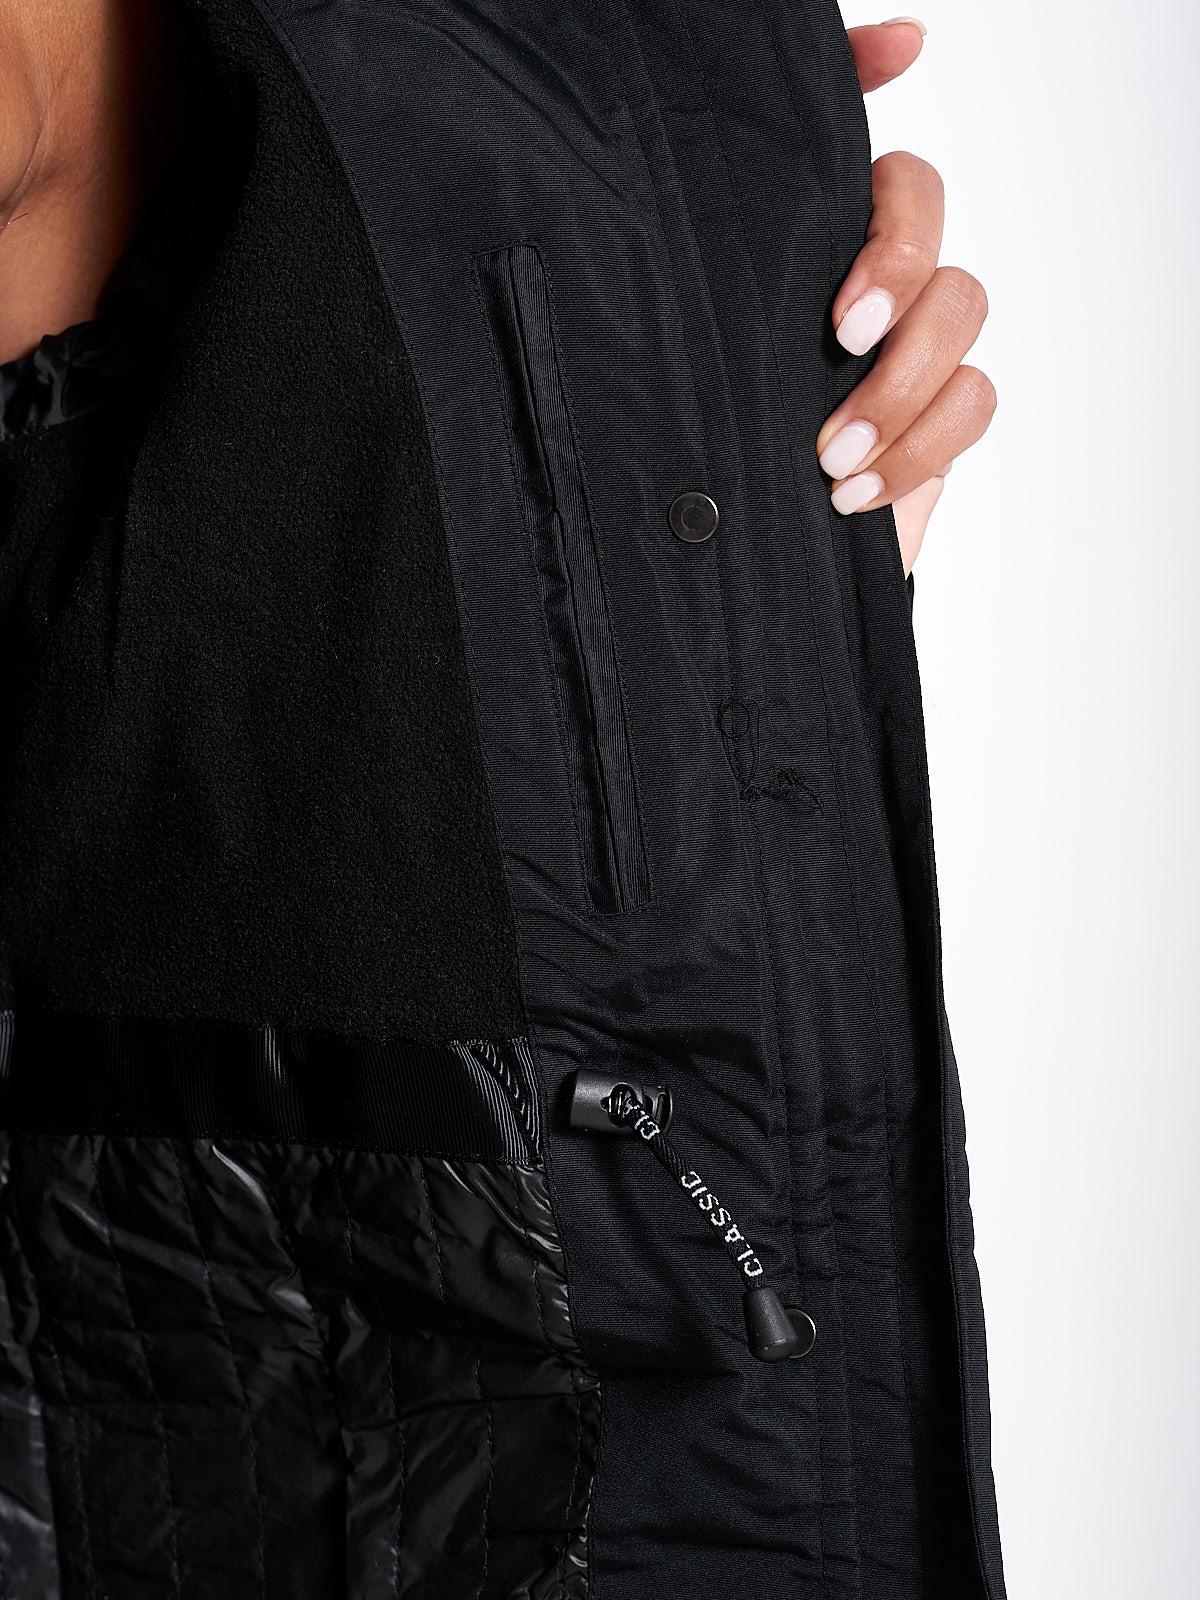 AZALEA BLACK WOMENS PARKA COAT